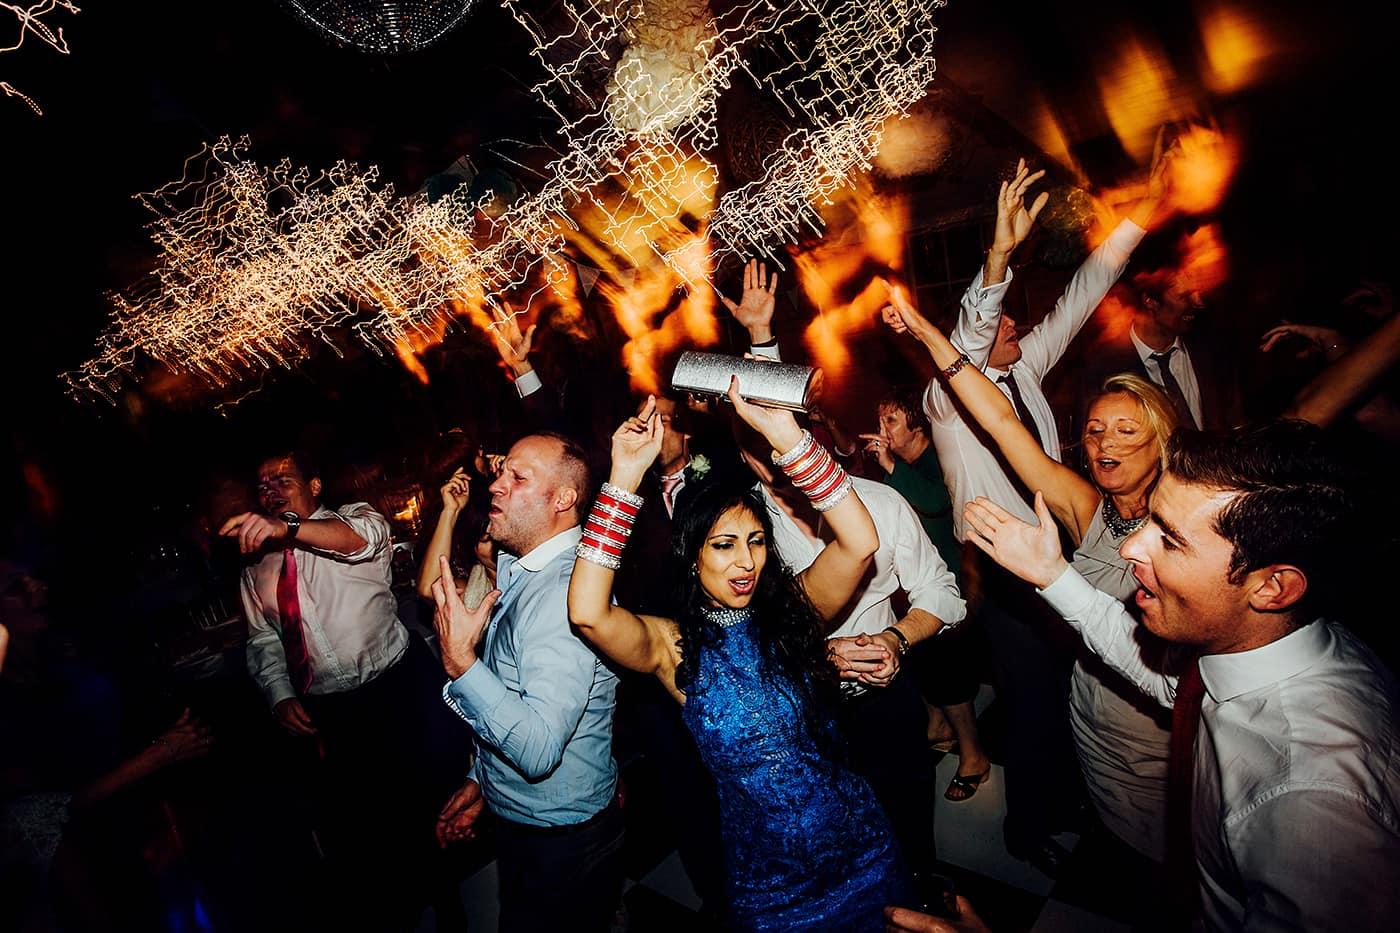 Wedding dancing photo